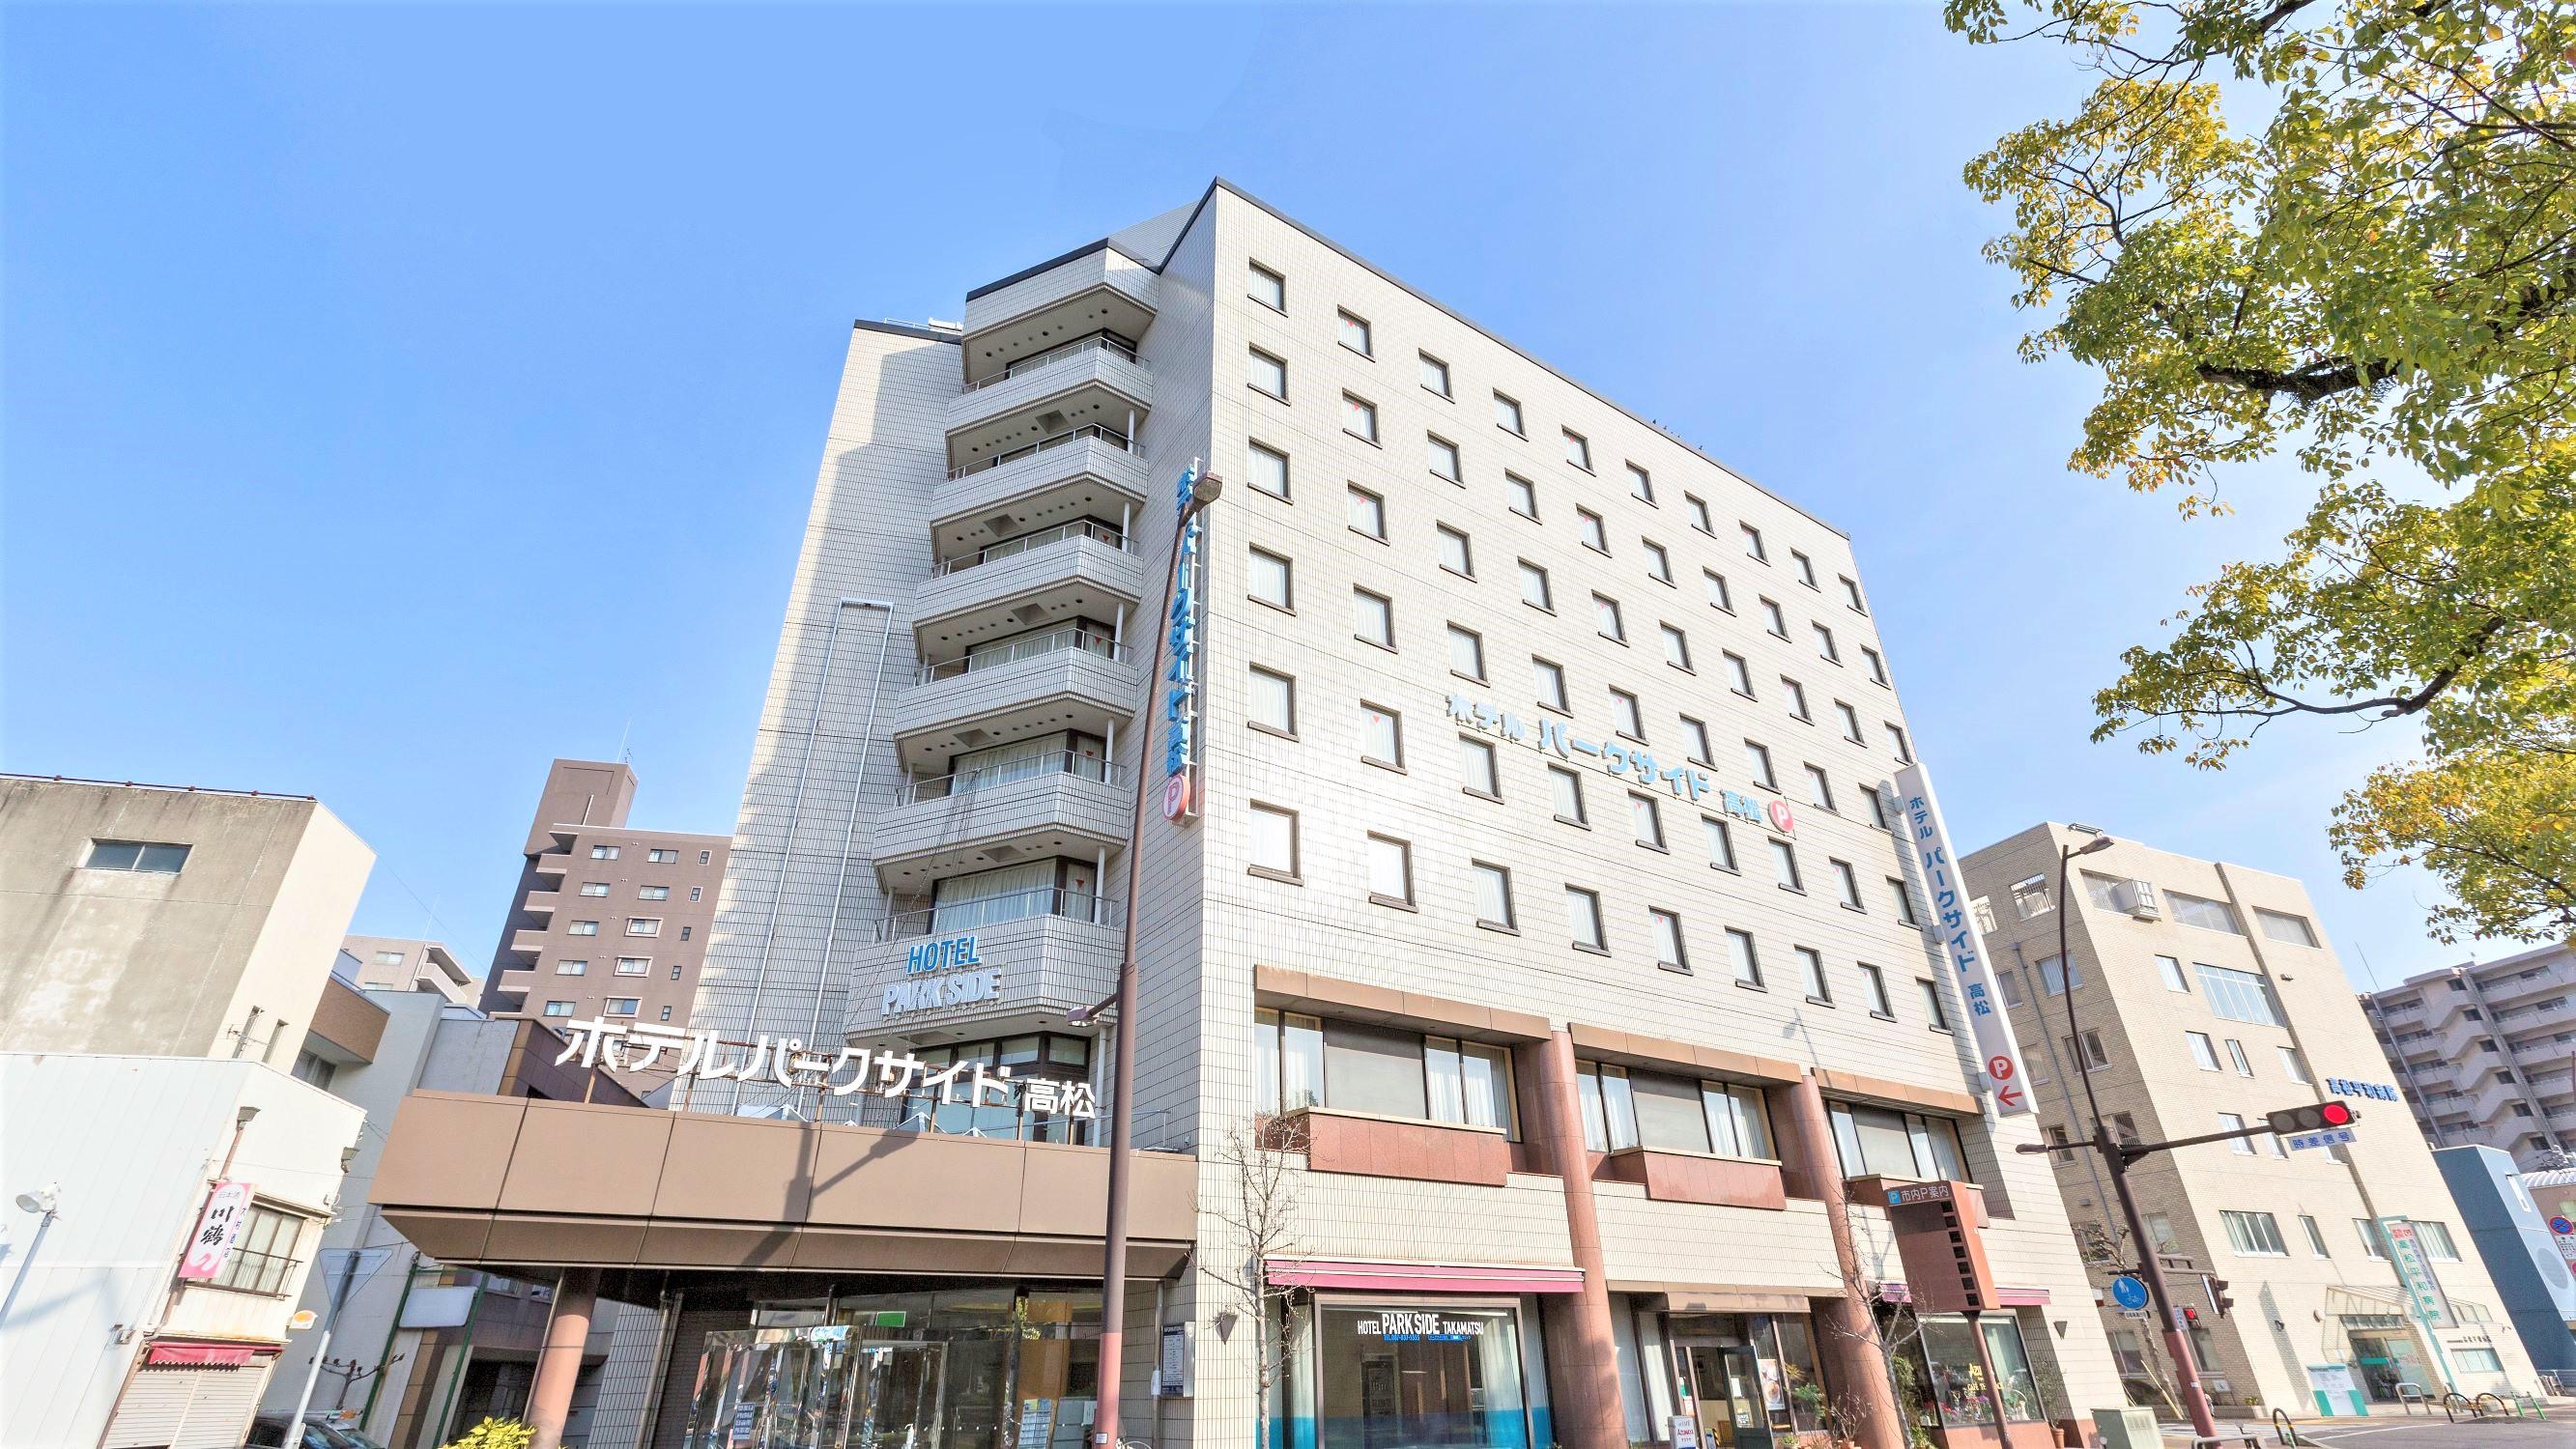 ビジネスホテル パーク サイド 高松◆楽天トラベル